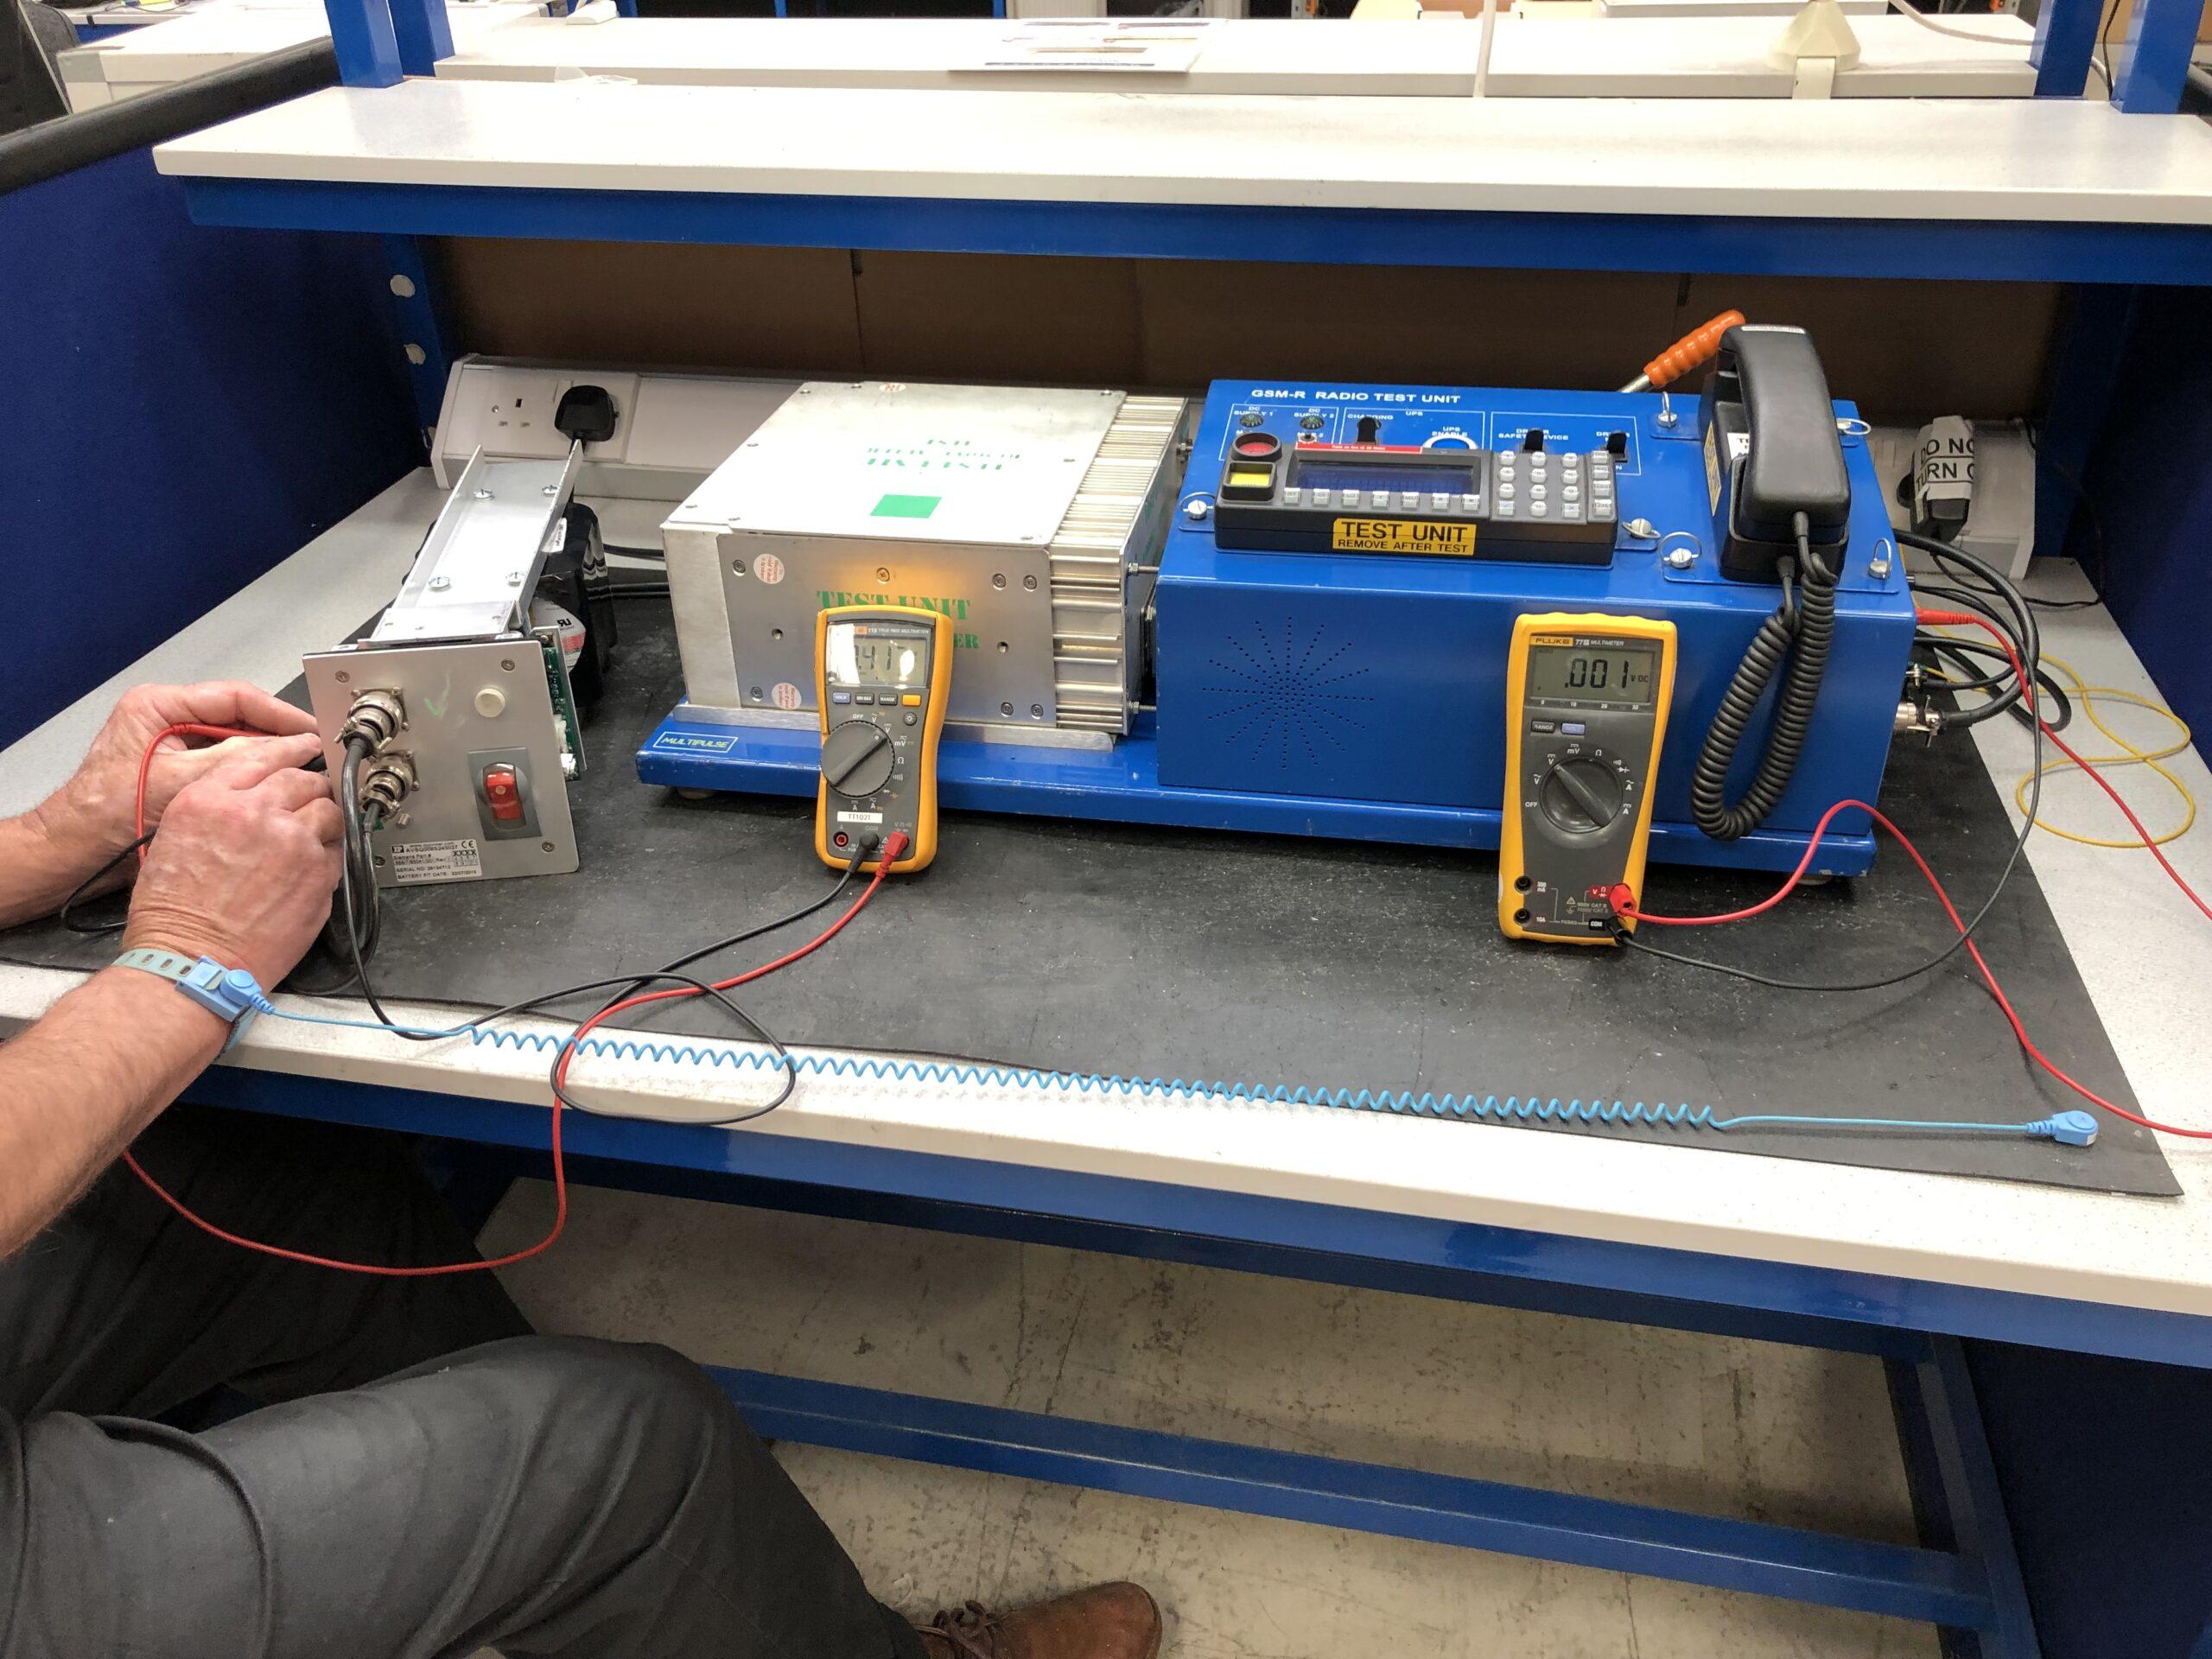 UPS repair and testing